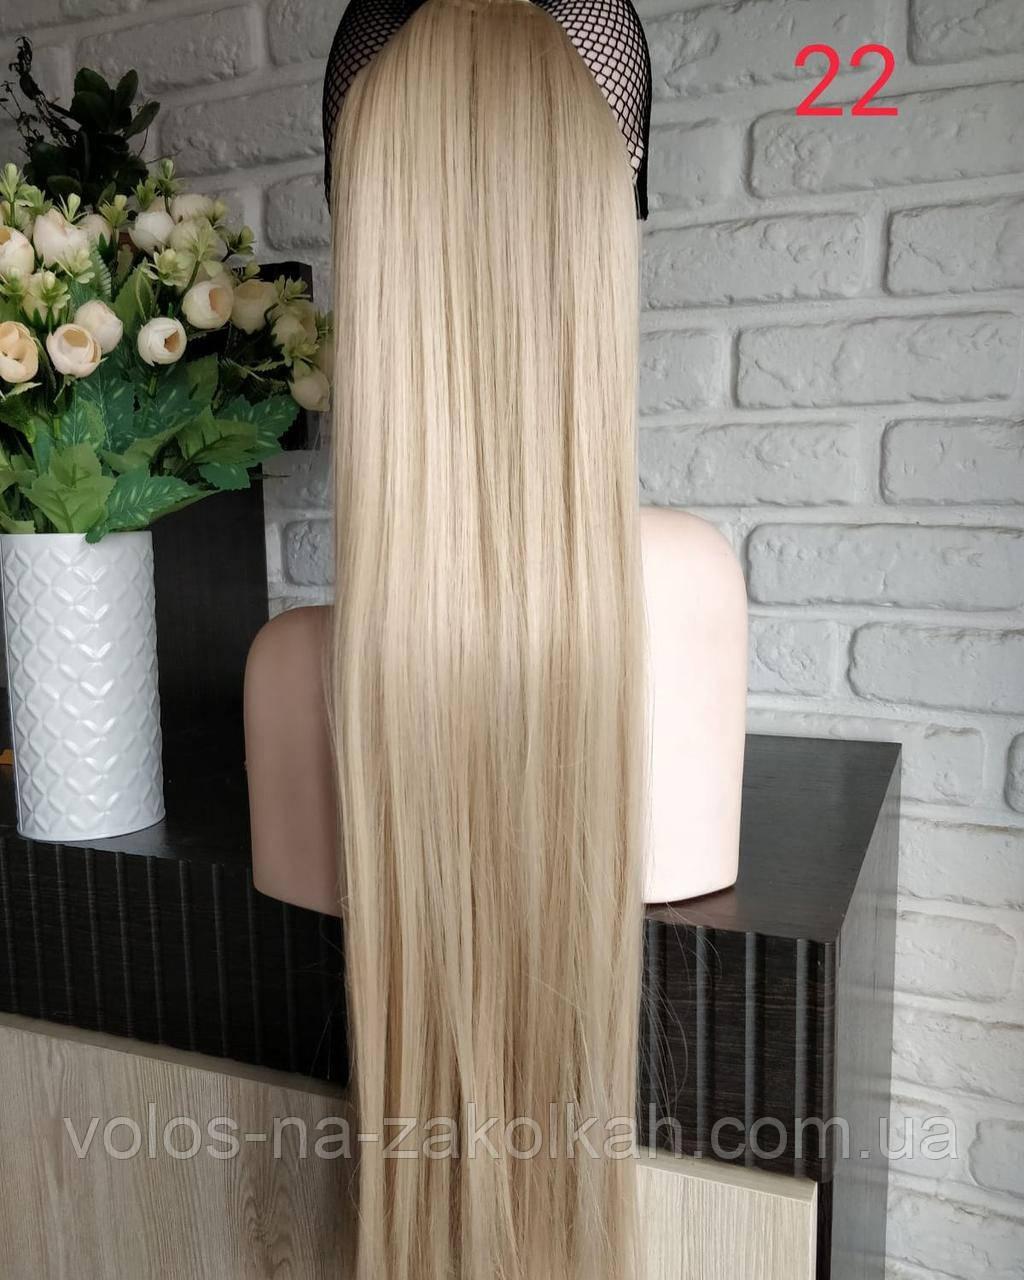 Хвост накладной на ленте цвет №22 холодный блонд